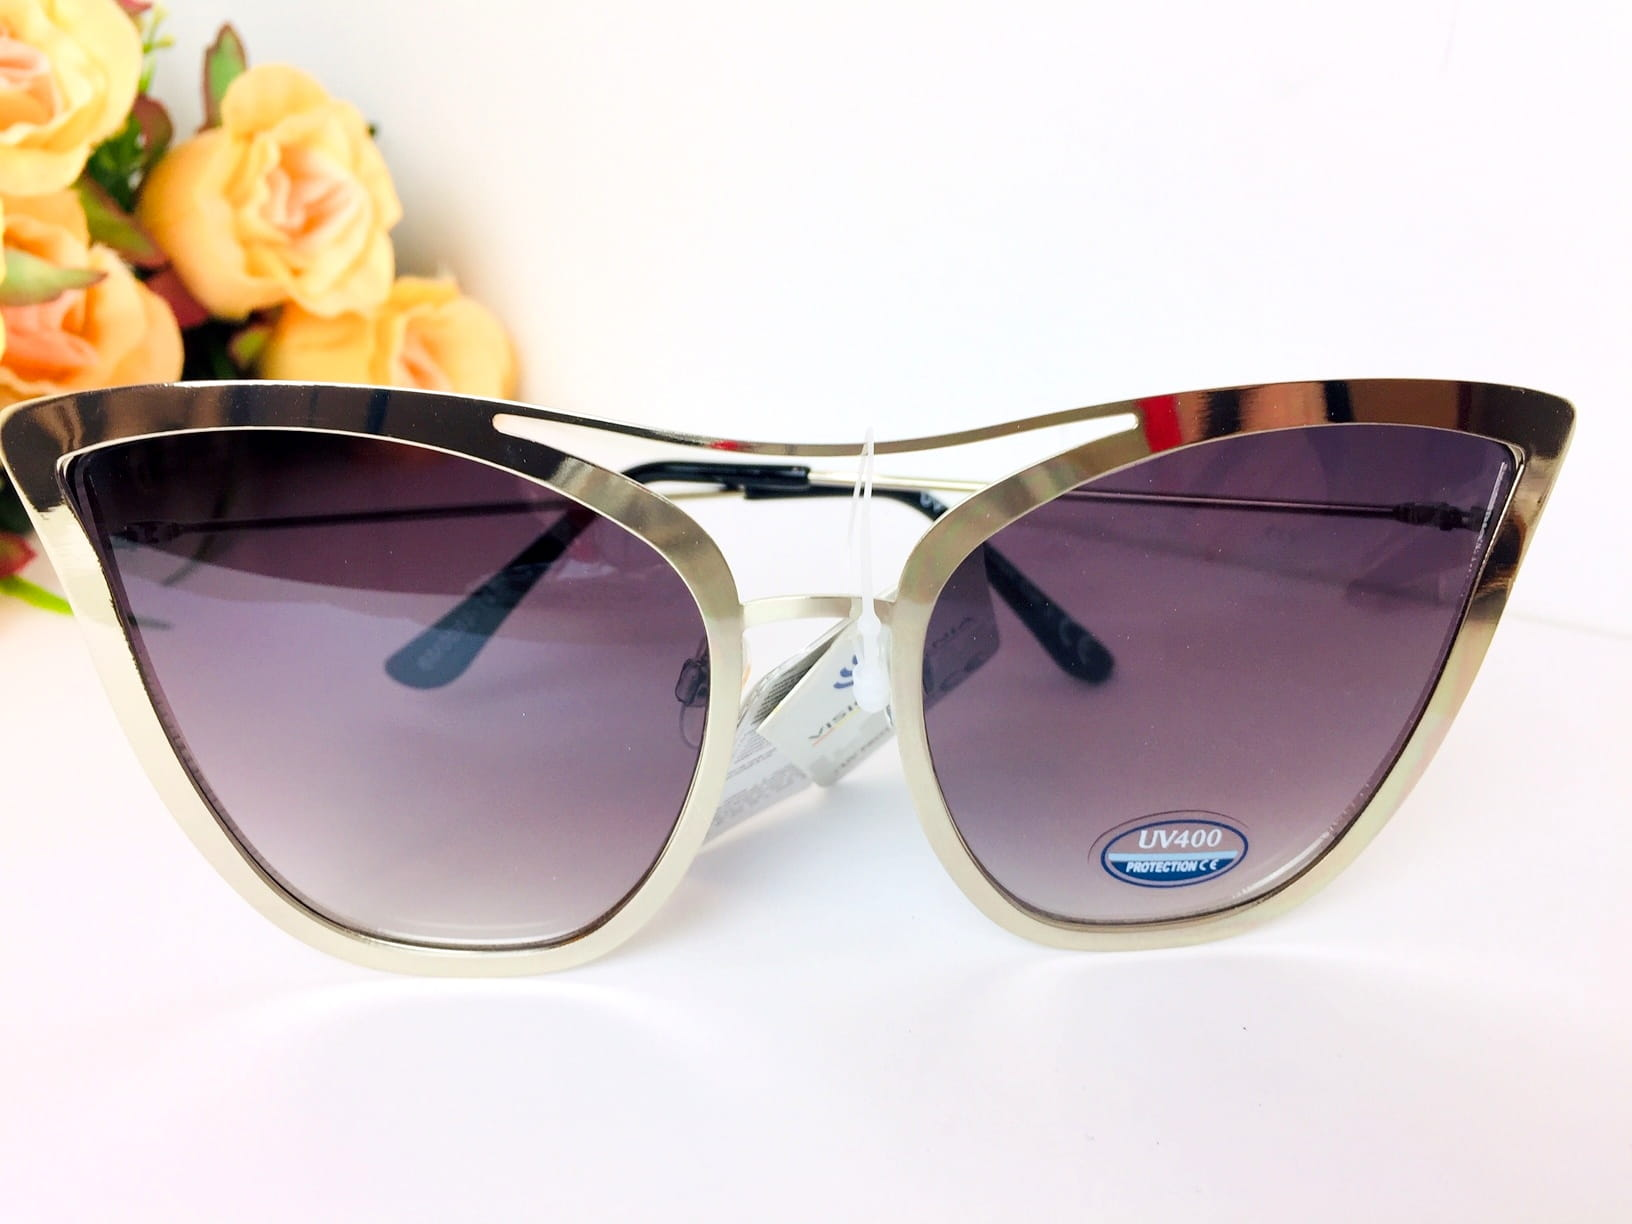 Okulary przeciwsłoneczne damskie oversize duże kocie oczy srebrne fioletowe